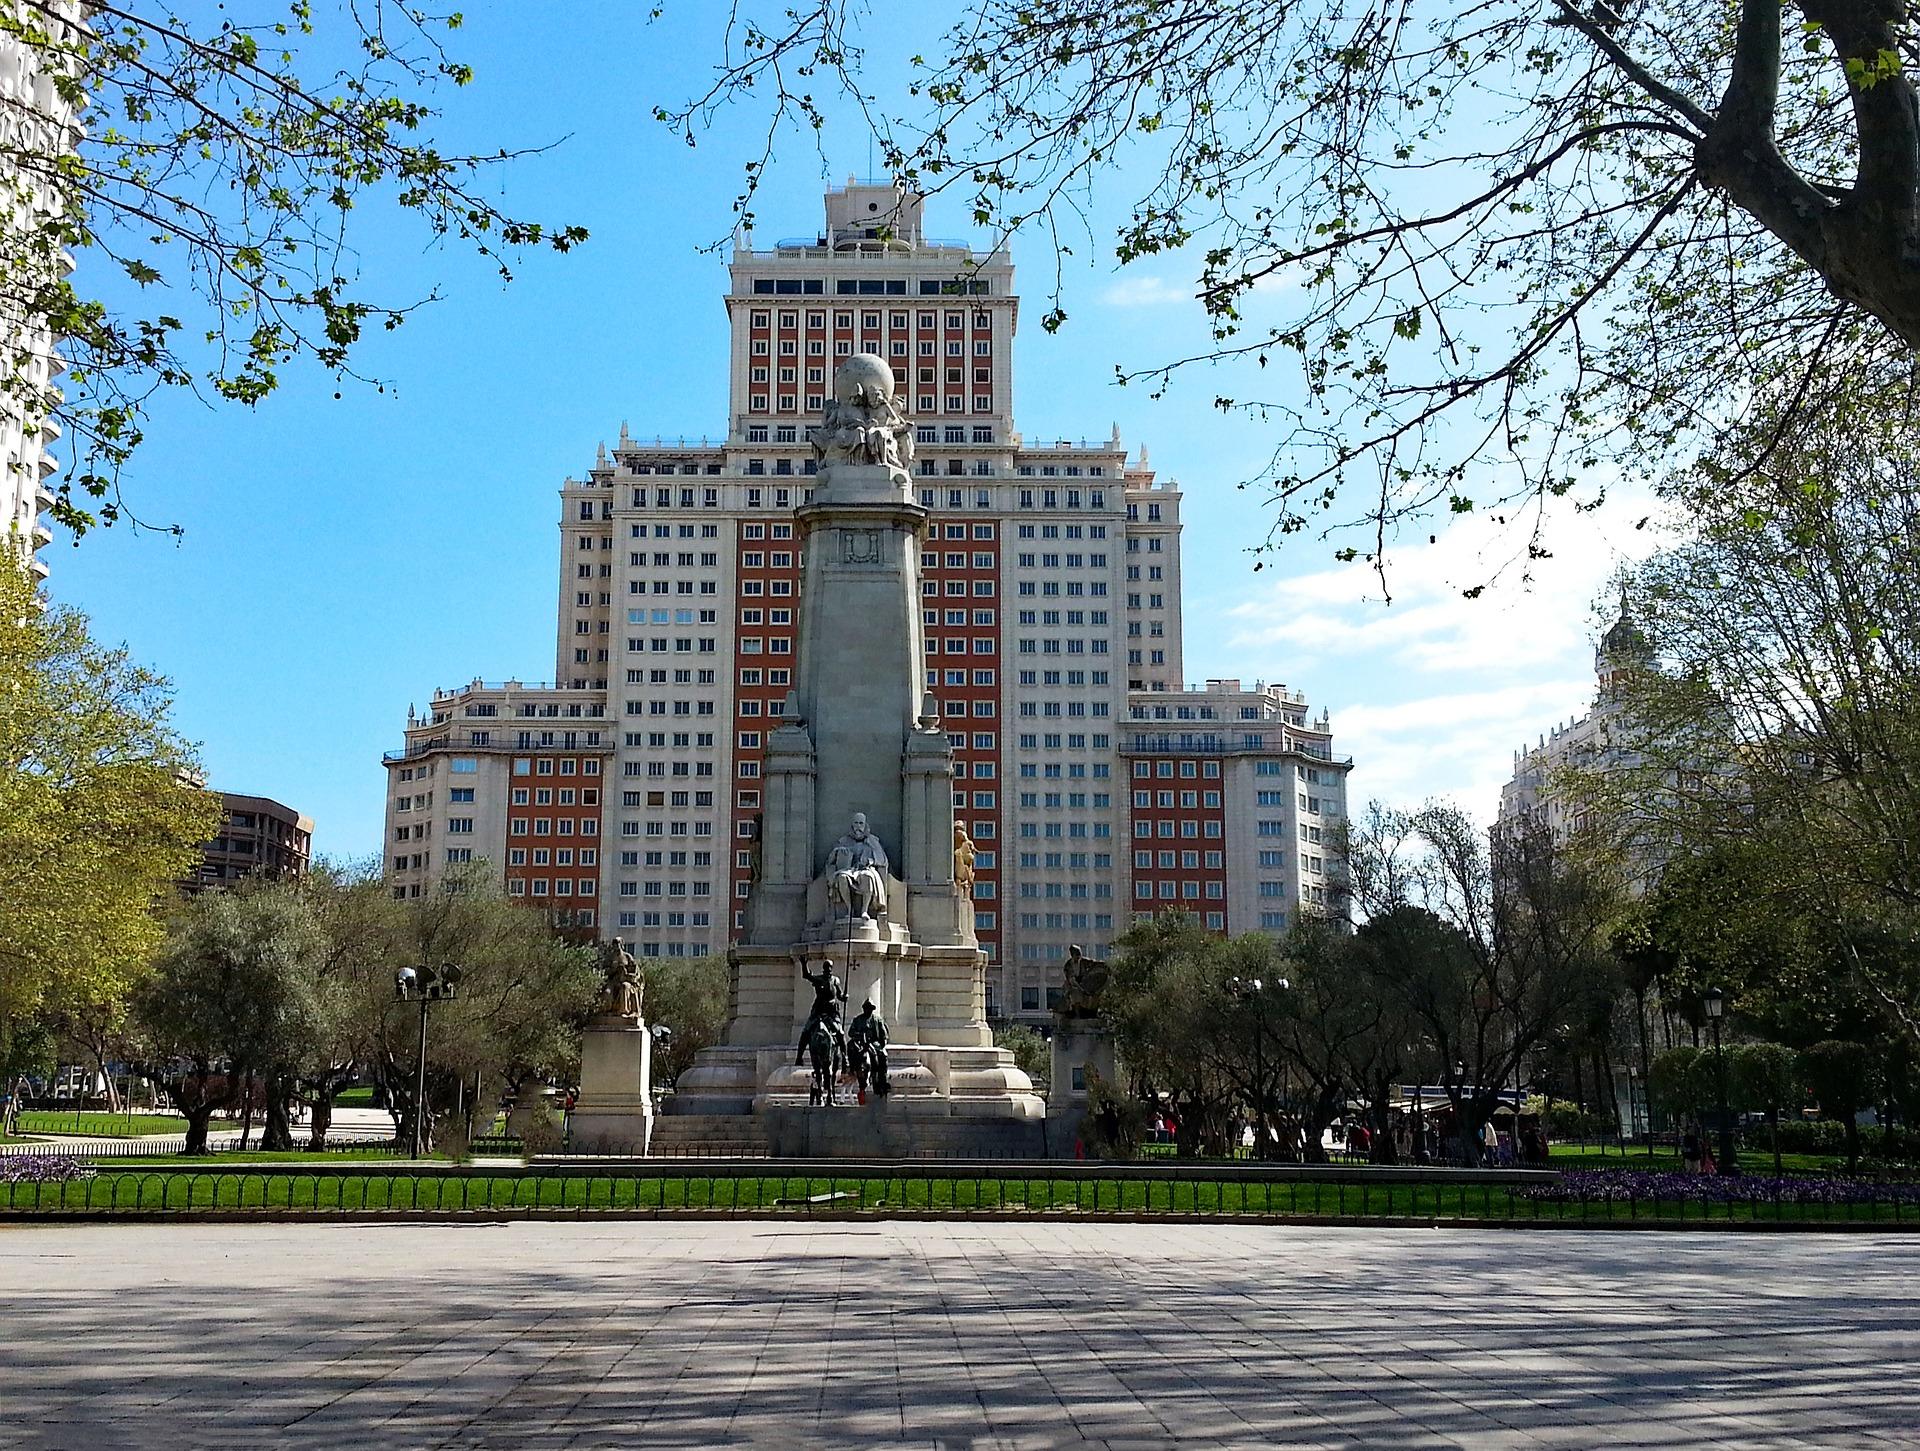 plaza-espana-2002978_1920